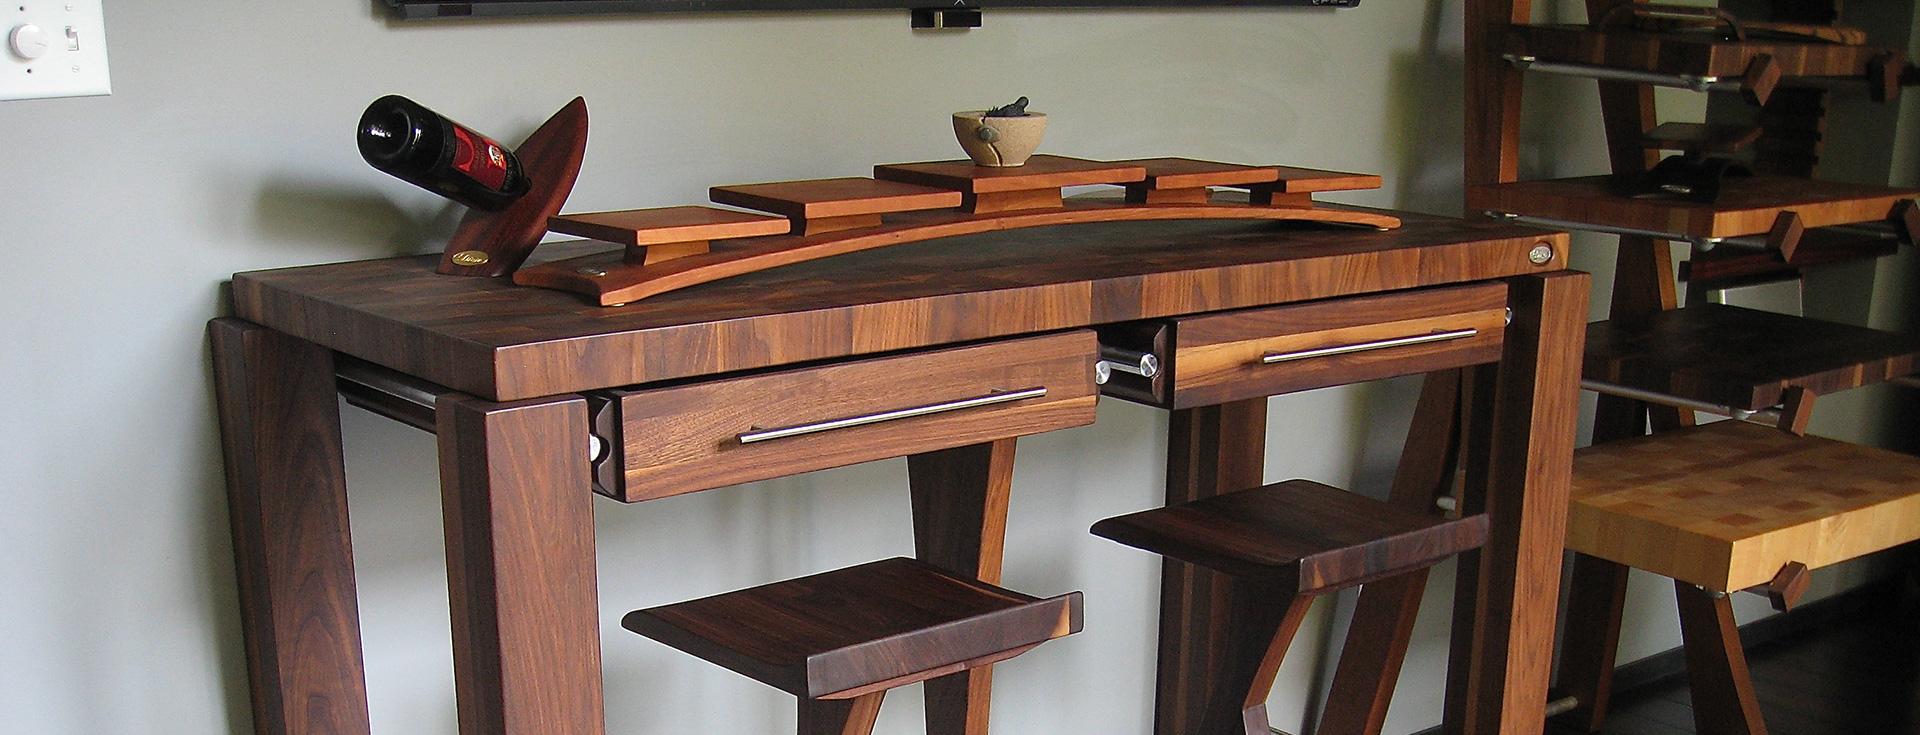 table comptoir bloc de boucher et il t en bois massif. Black Bedroom Furniture Sets. Home Design Ideas